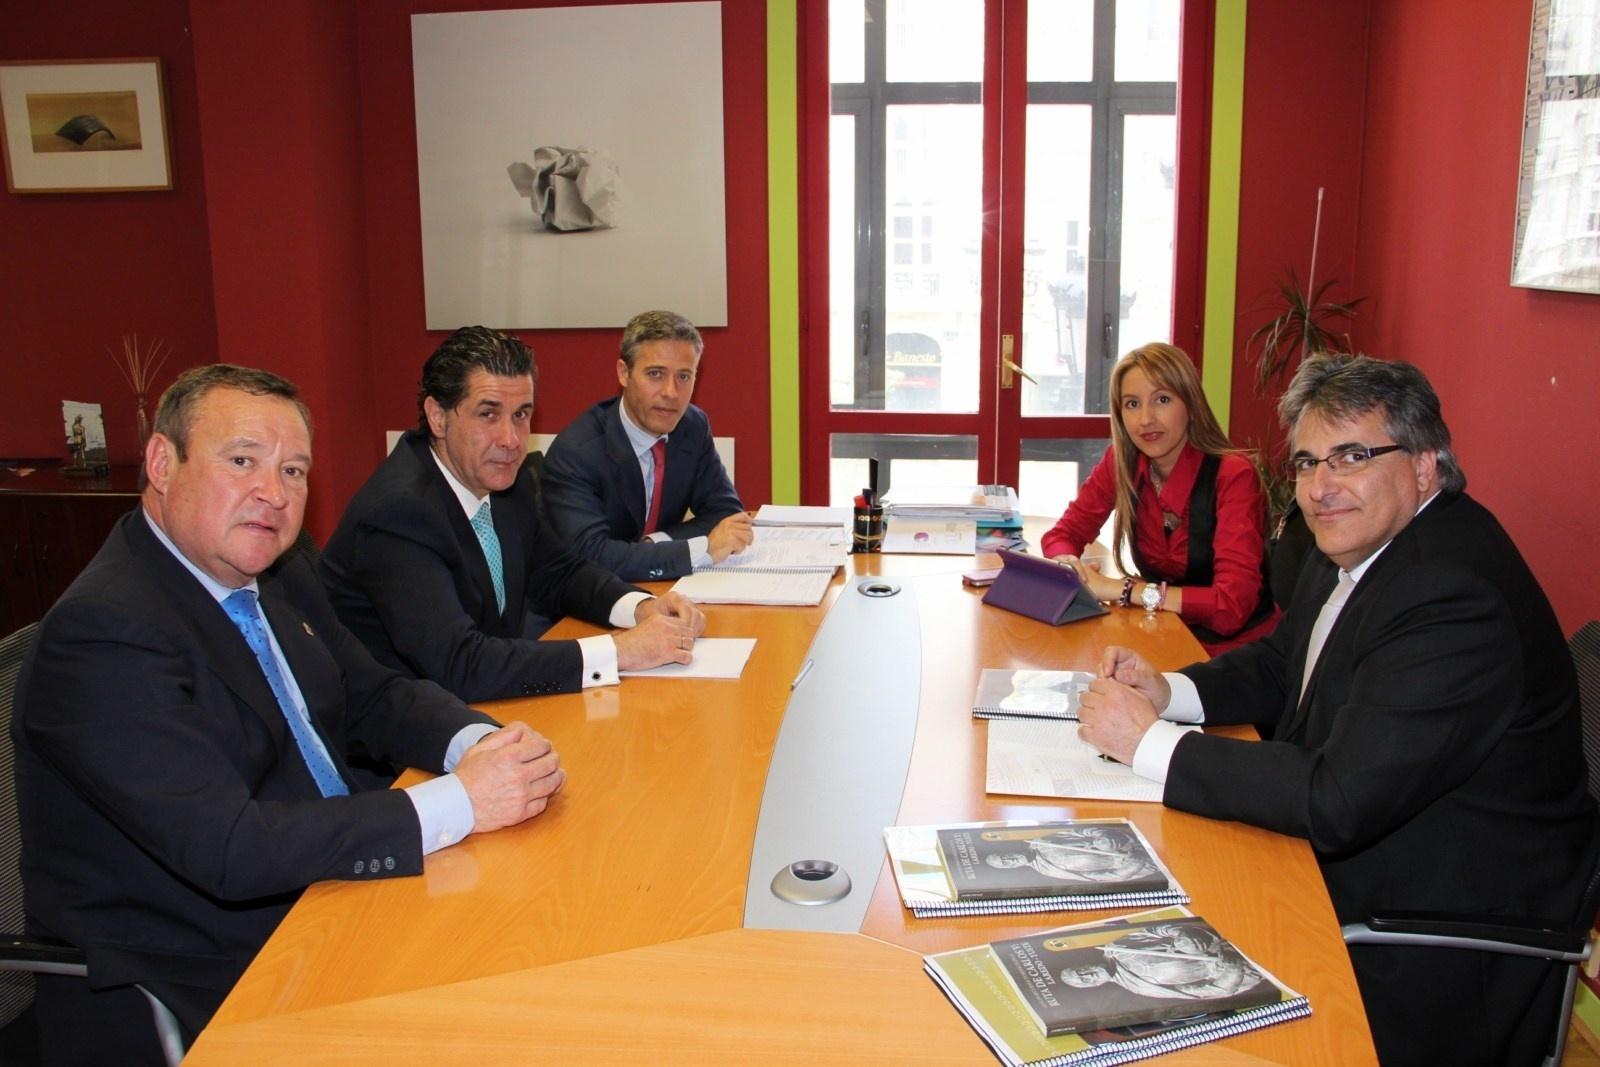 Palacio de Coudenber (Bruselas) y las ciudades de San Severo y Bolonia (Italia) apoyan las Rutas de Carlos V